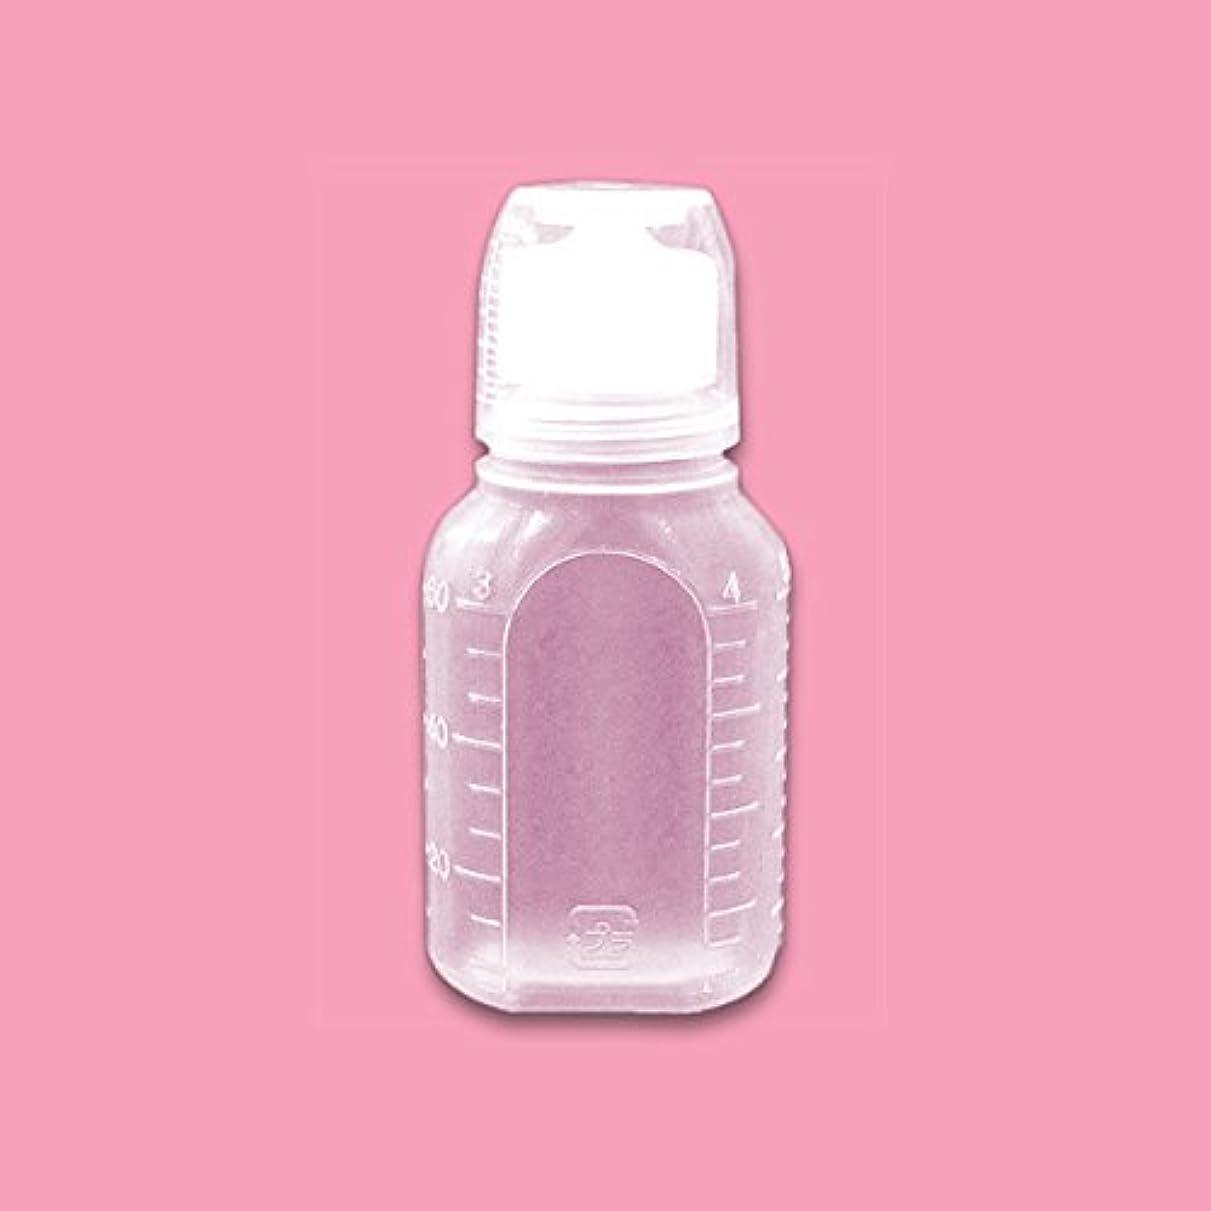 突っ込む植生耐える液体用空ボトル 60g 5個入 [ 空ボトル 空容器 詰め替え用 うがい薬 ローションボトル サンプル用 ]◆